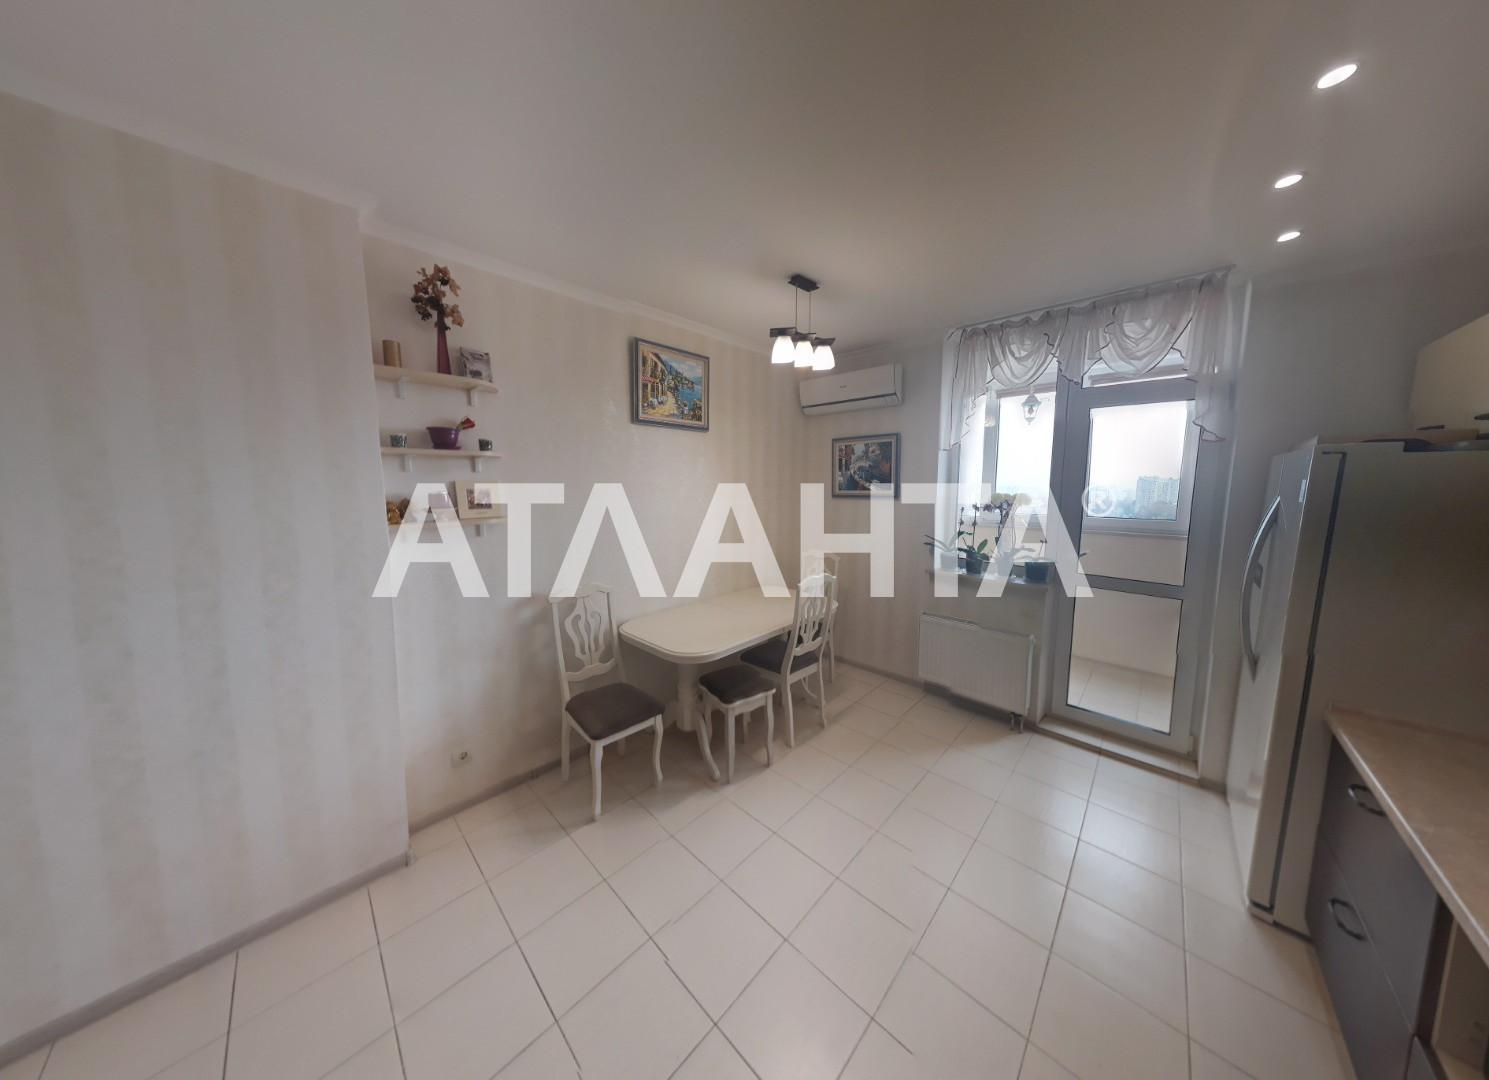 Продается 3-комнатная Квартира на ул. Ул. Максимовича — 153 000 у.е. (фото №10)